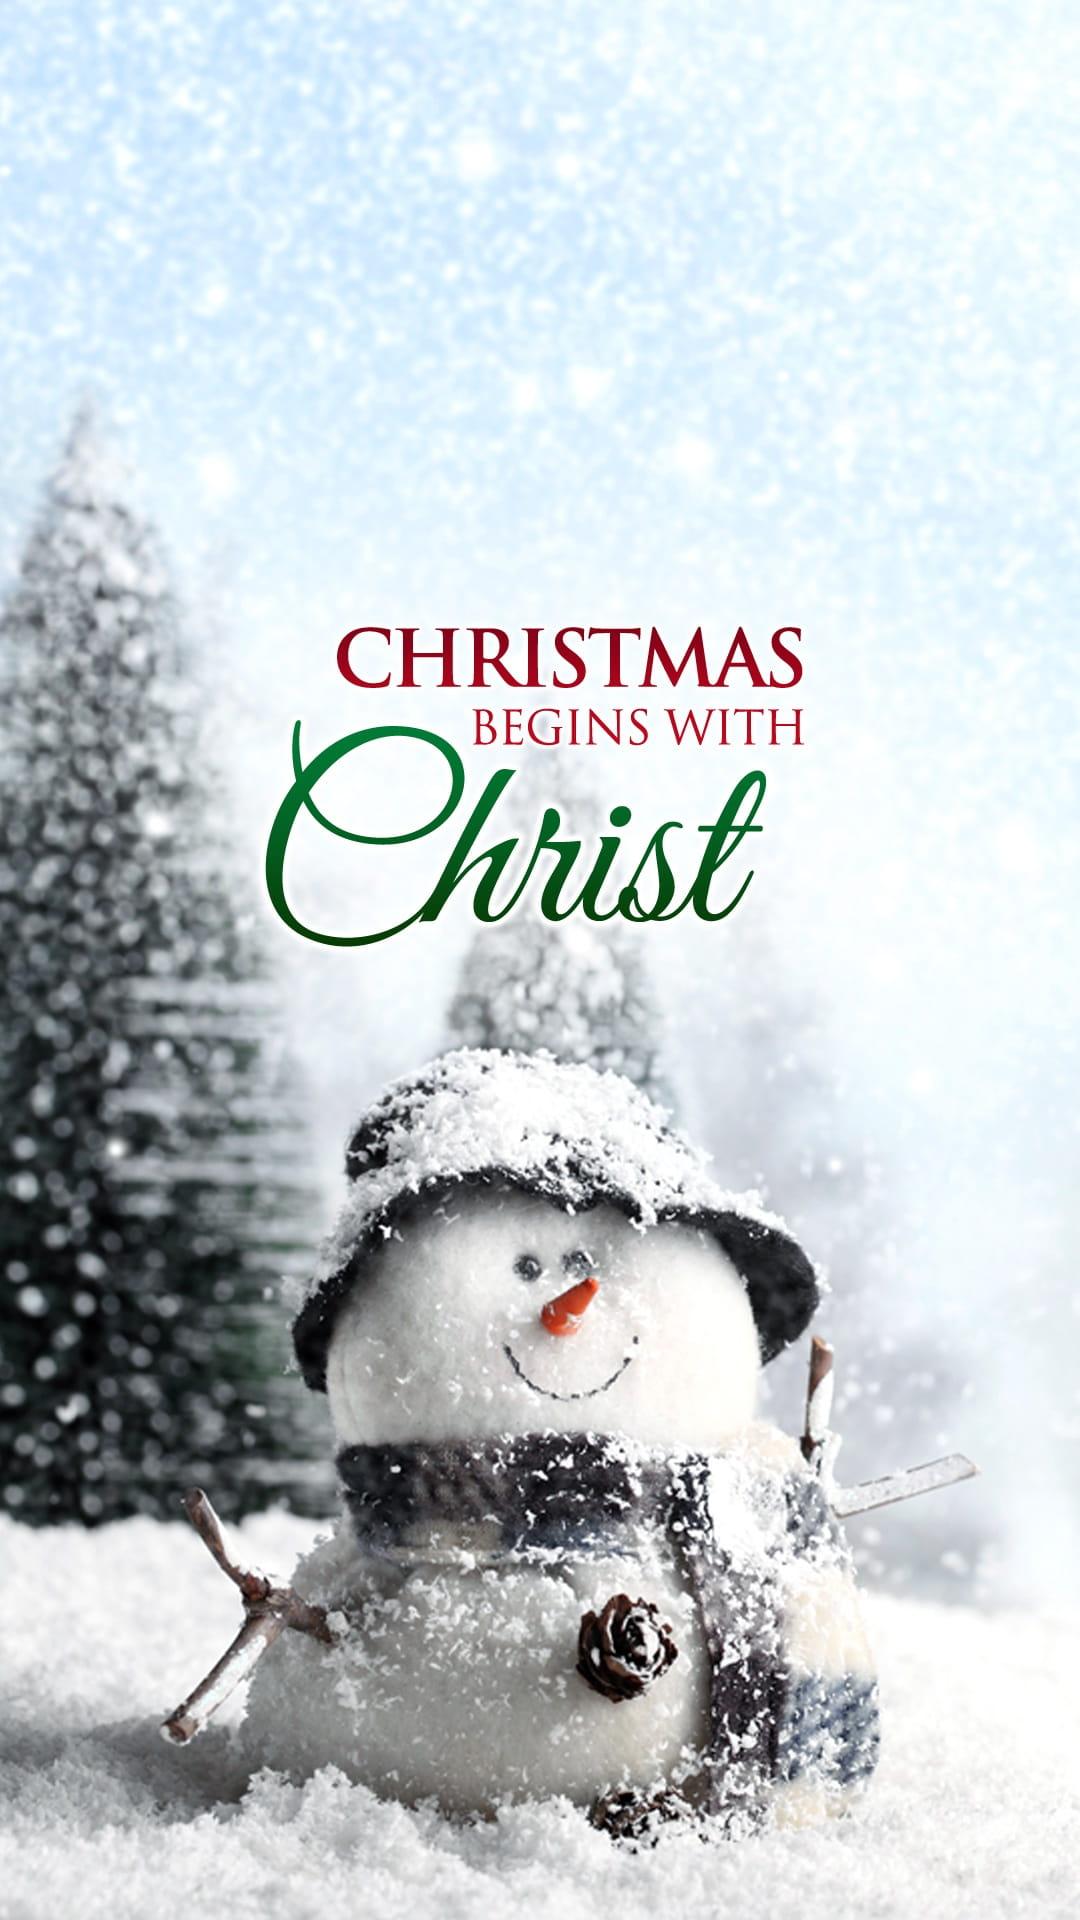 December 2015 Christmas Begins With Christ Desktop